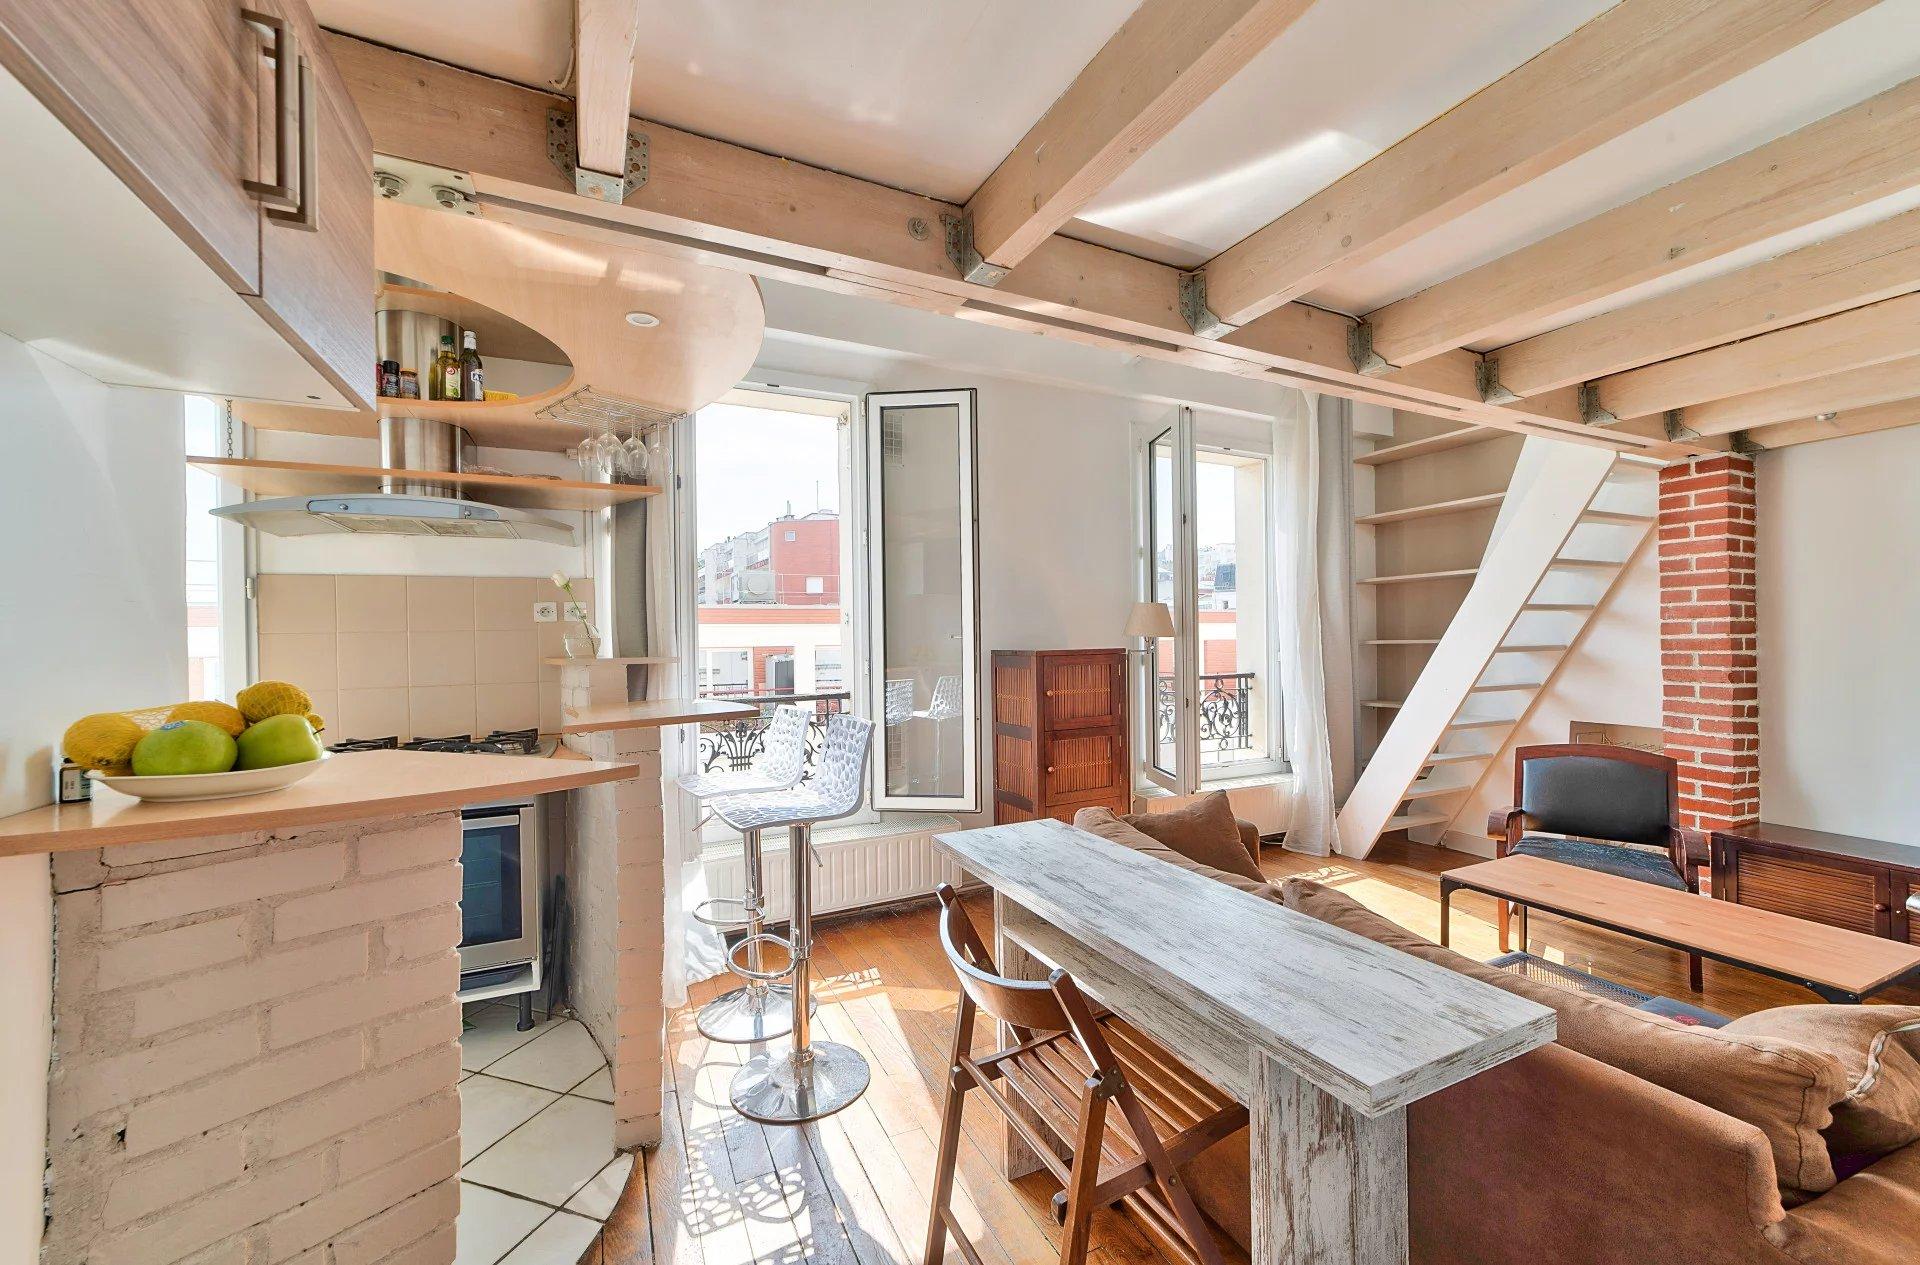 2 pièces en duplex - Dernier étage - Vue Sacré-Coeur